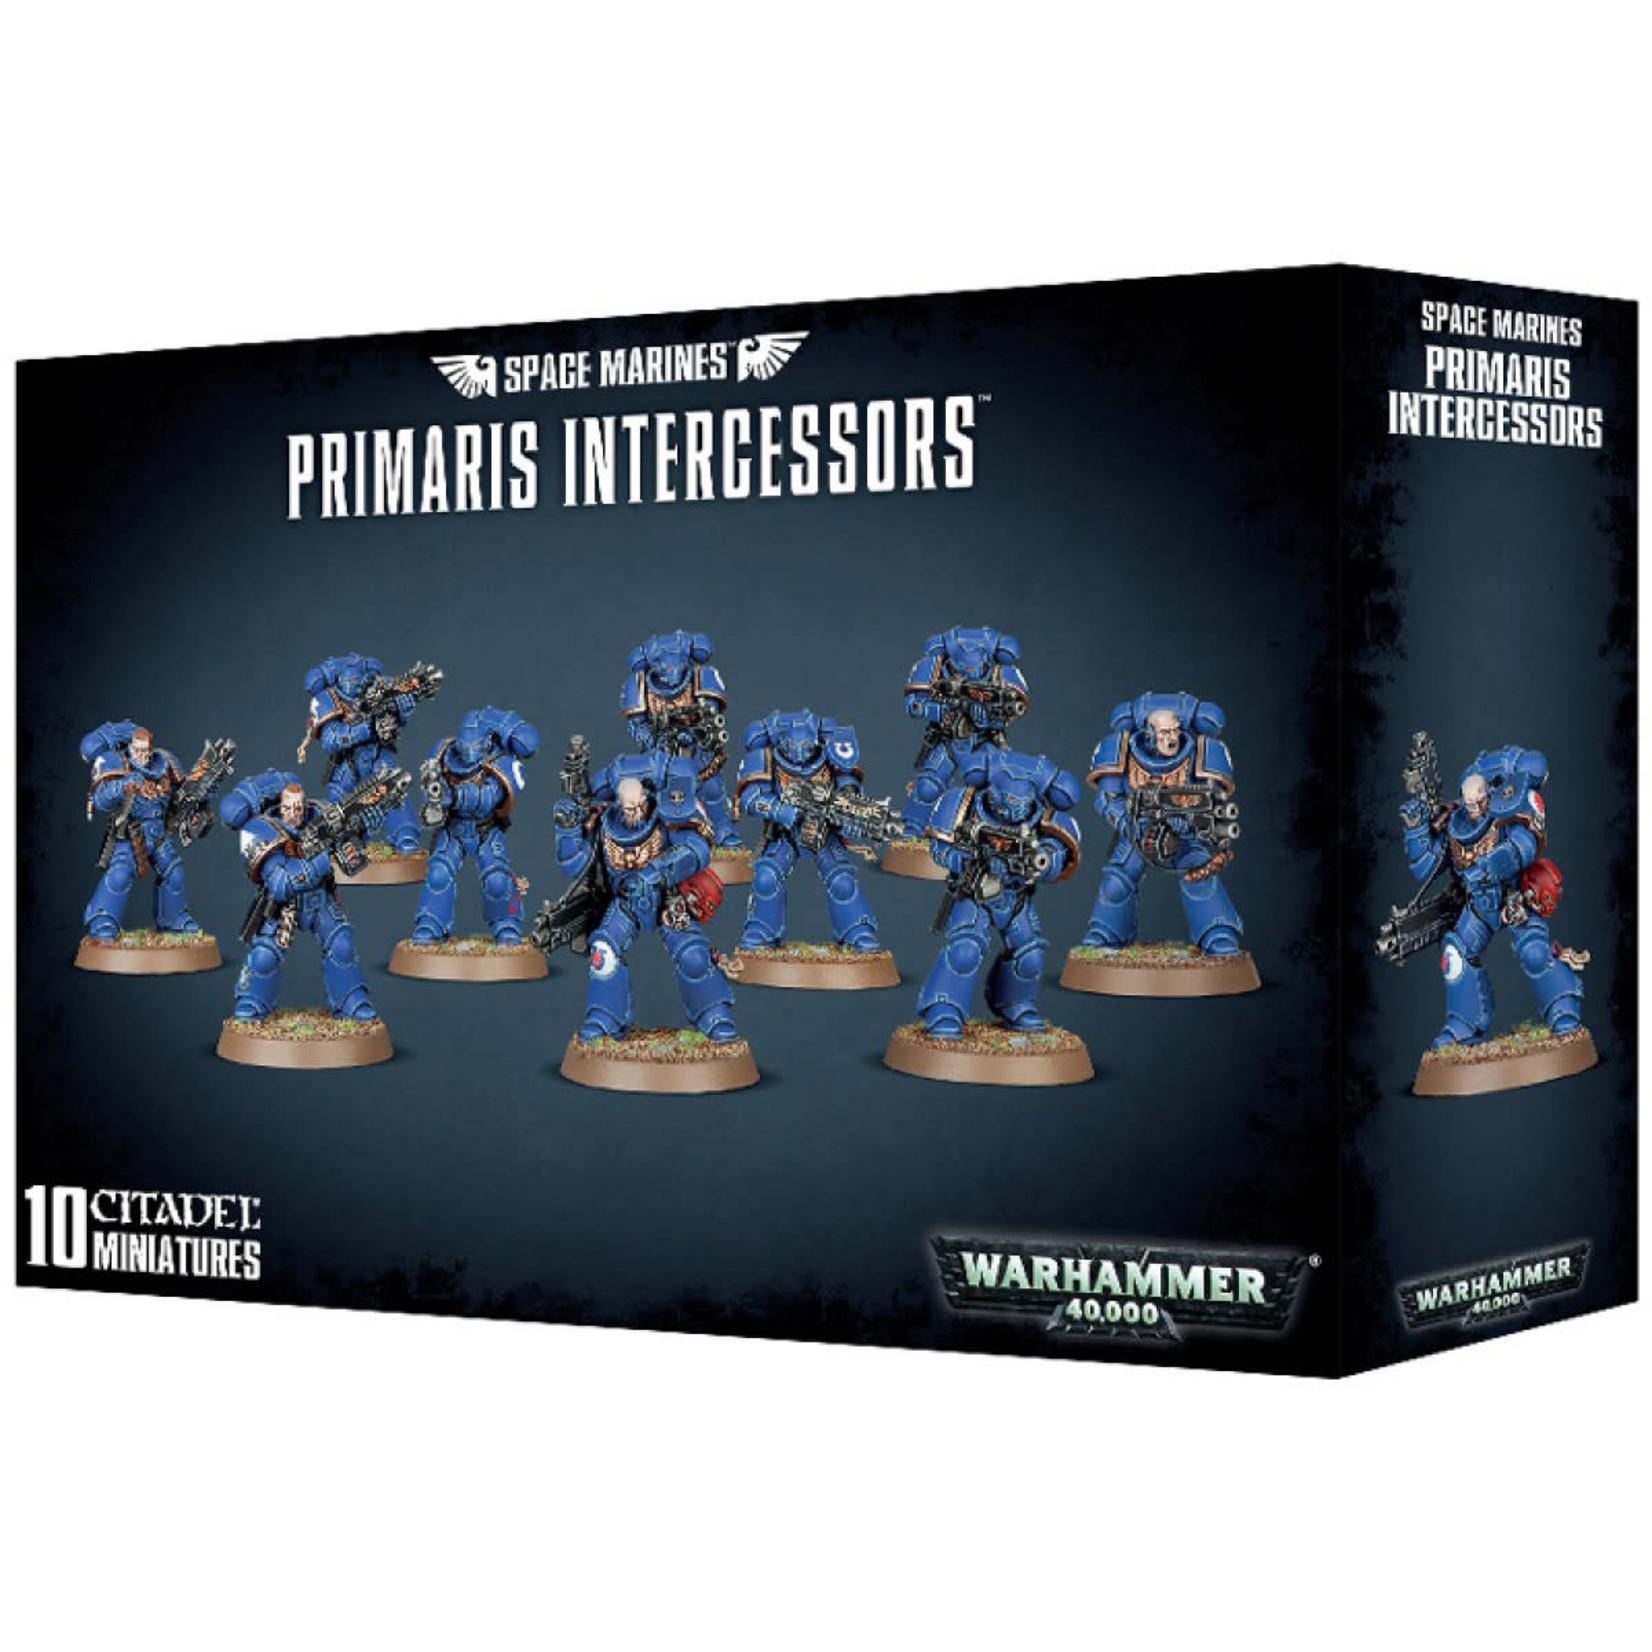 Games Workshop Warhammer 40k: Space Marines - Primaris Intercessors